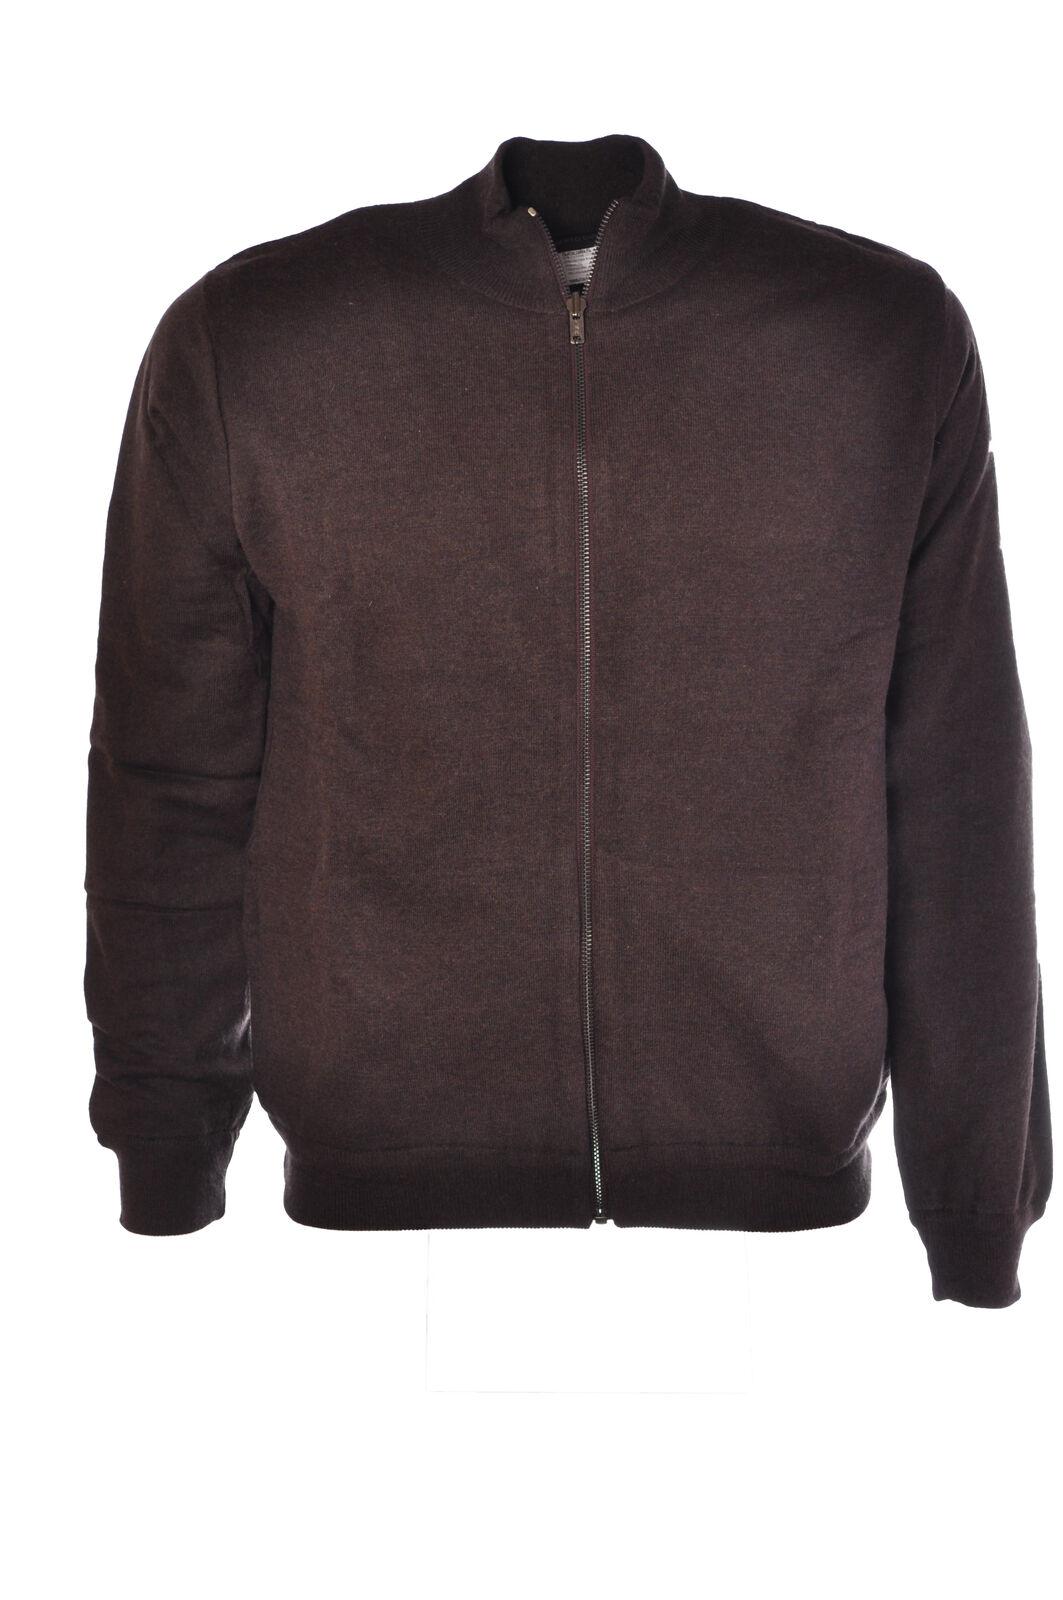 Roberto Collina  -  Sweaters - Male - Brown - 2784930N173516